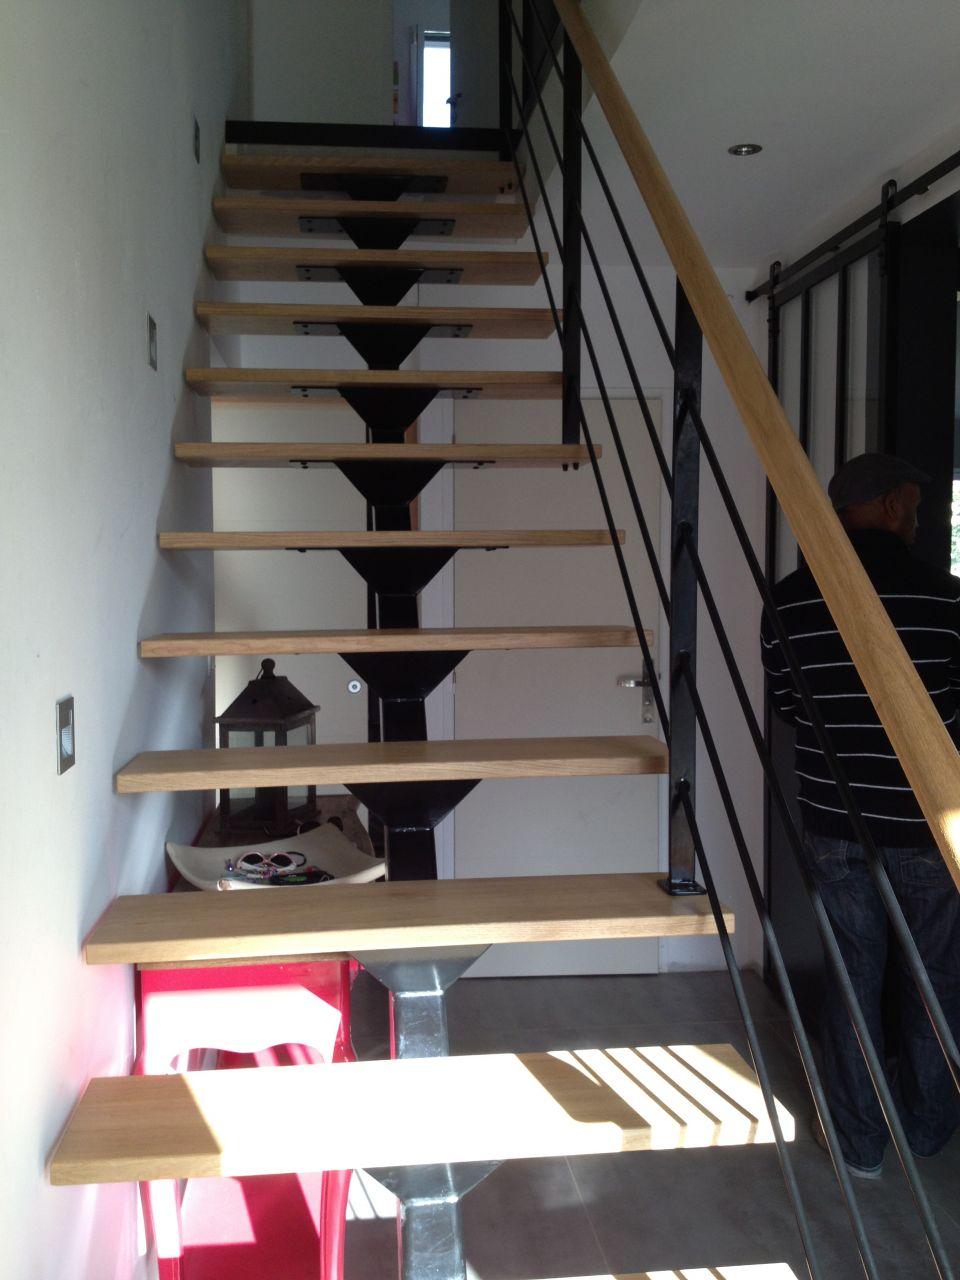 Escalier metal bois vos conseils p marches vitrage etc 5 messages - Escalier bois droit pas cher ...